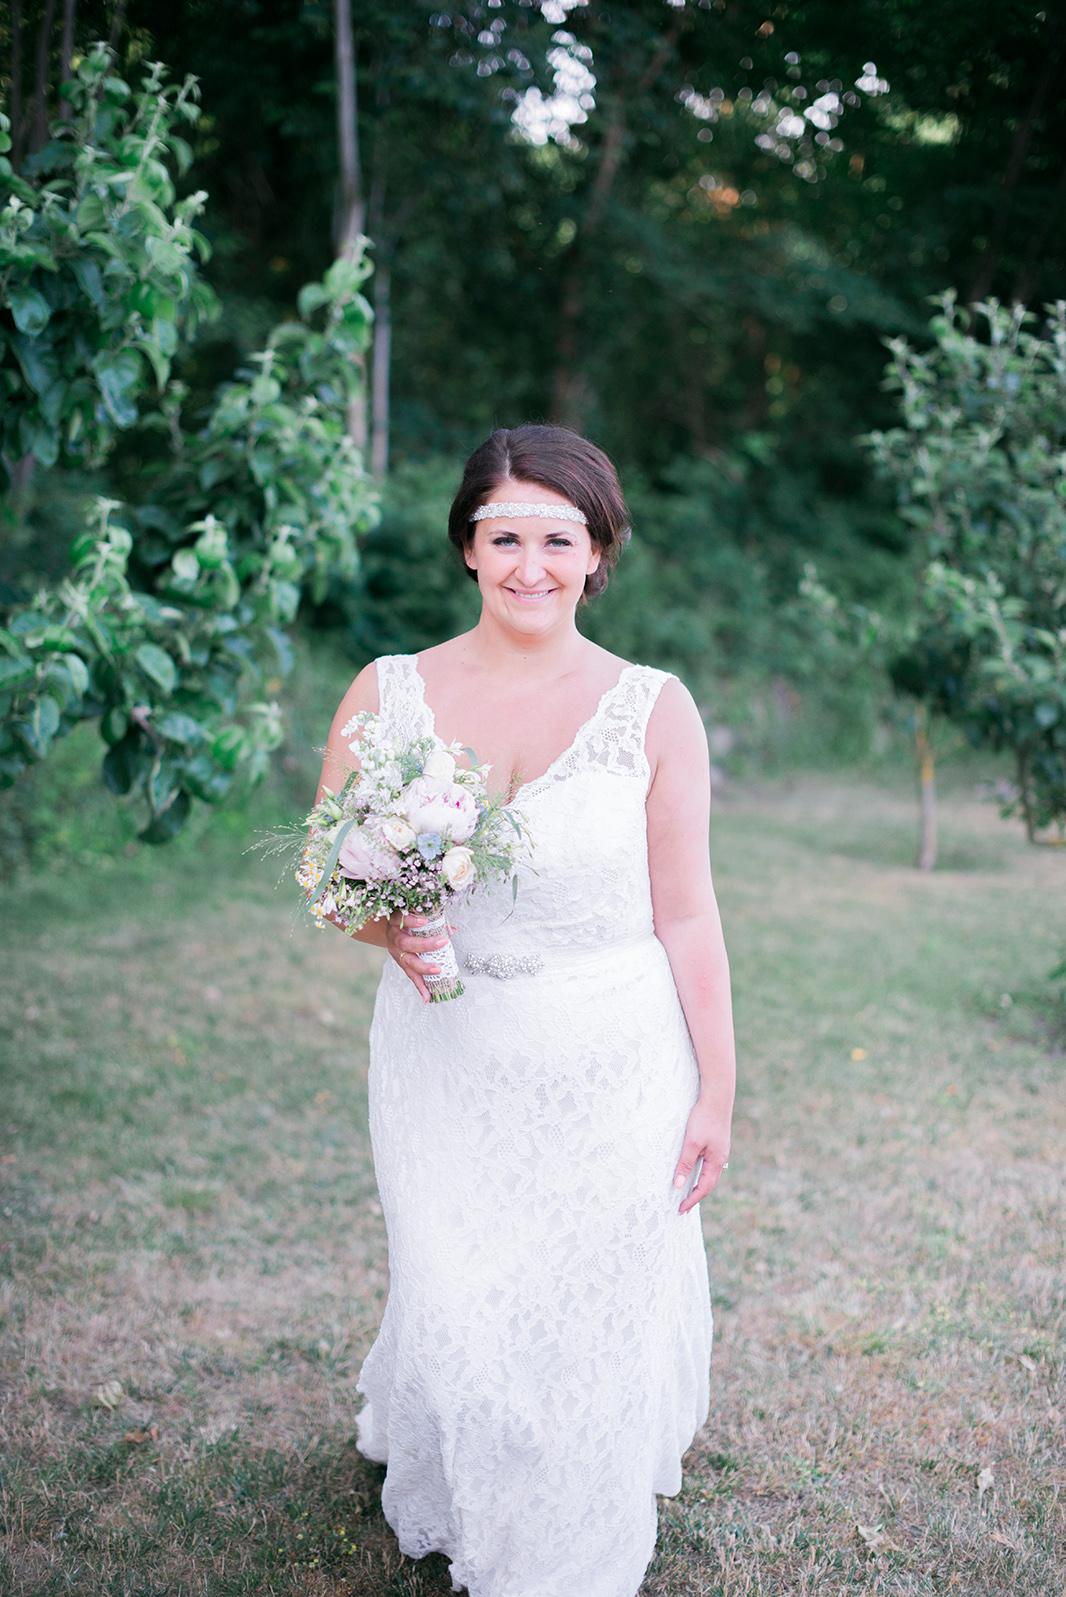 KathleenWelkerPhotography_Hochzeit-am-See-Paarfotos-Schaarlsee-Bride-Groom-Hochzeit-2